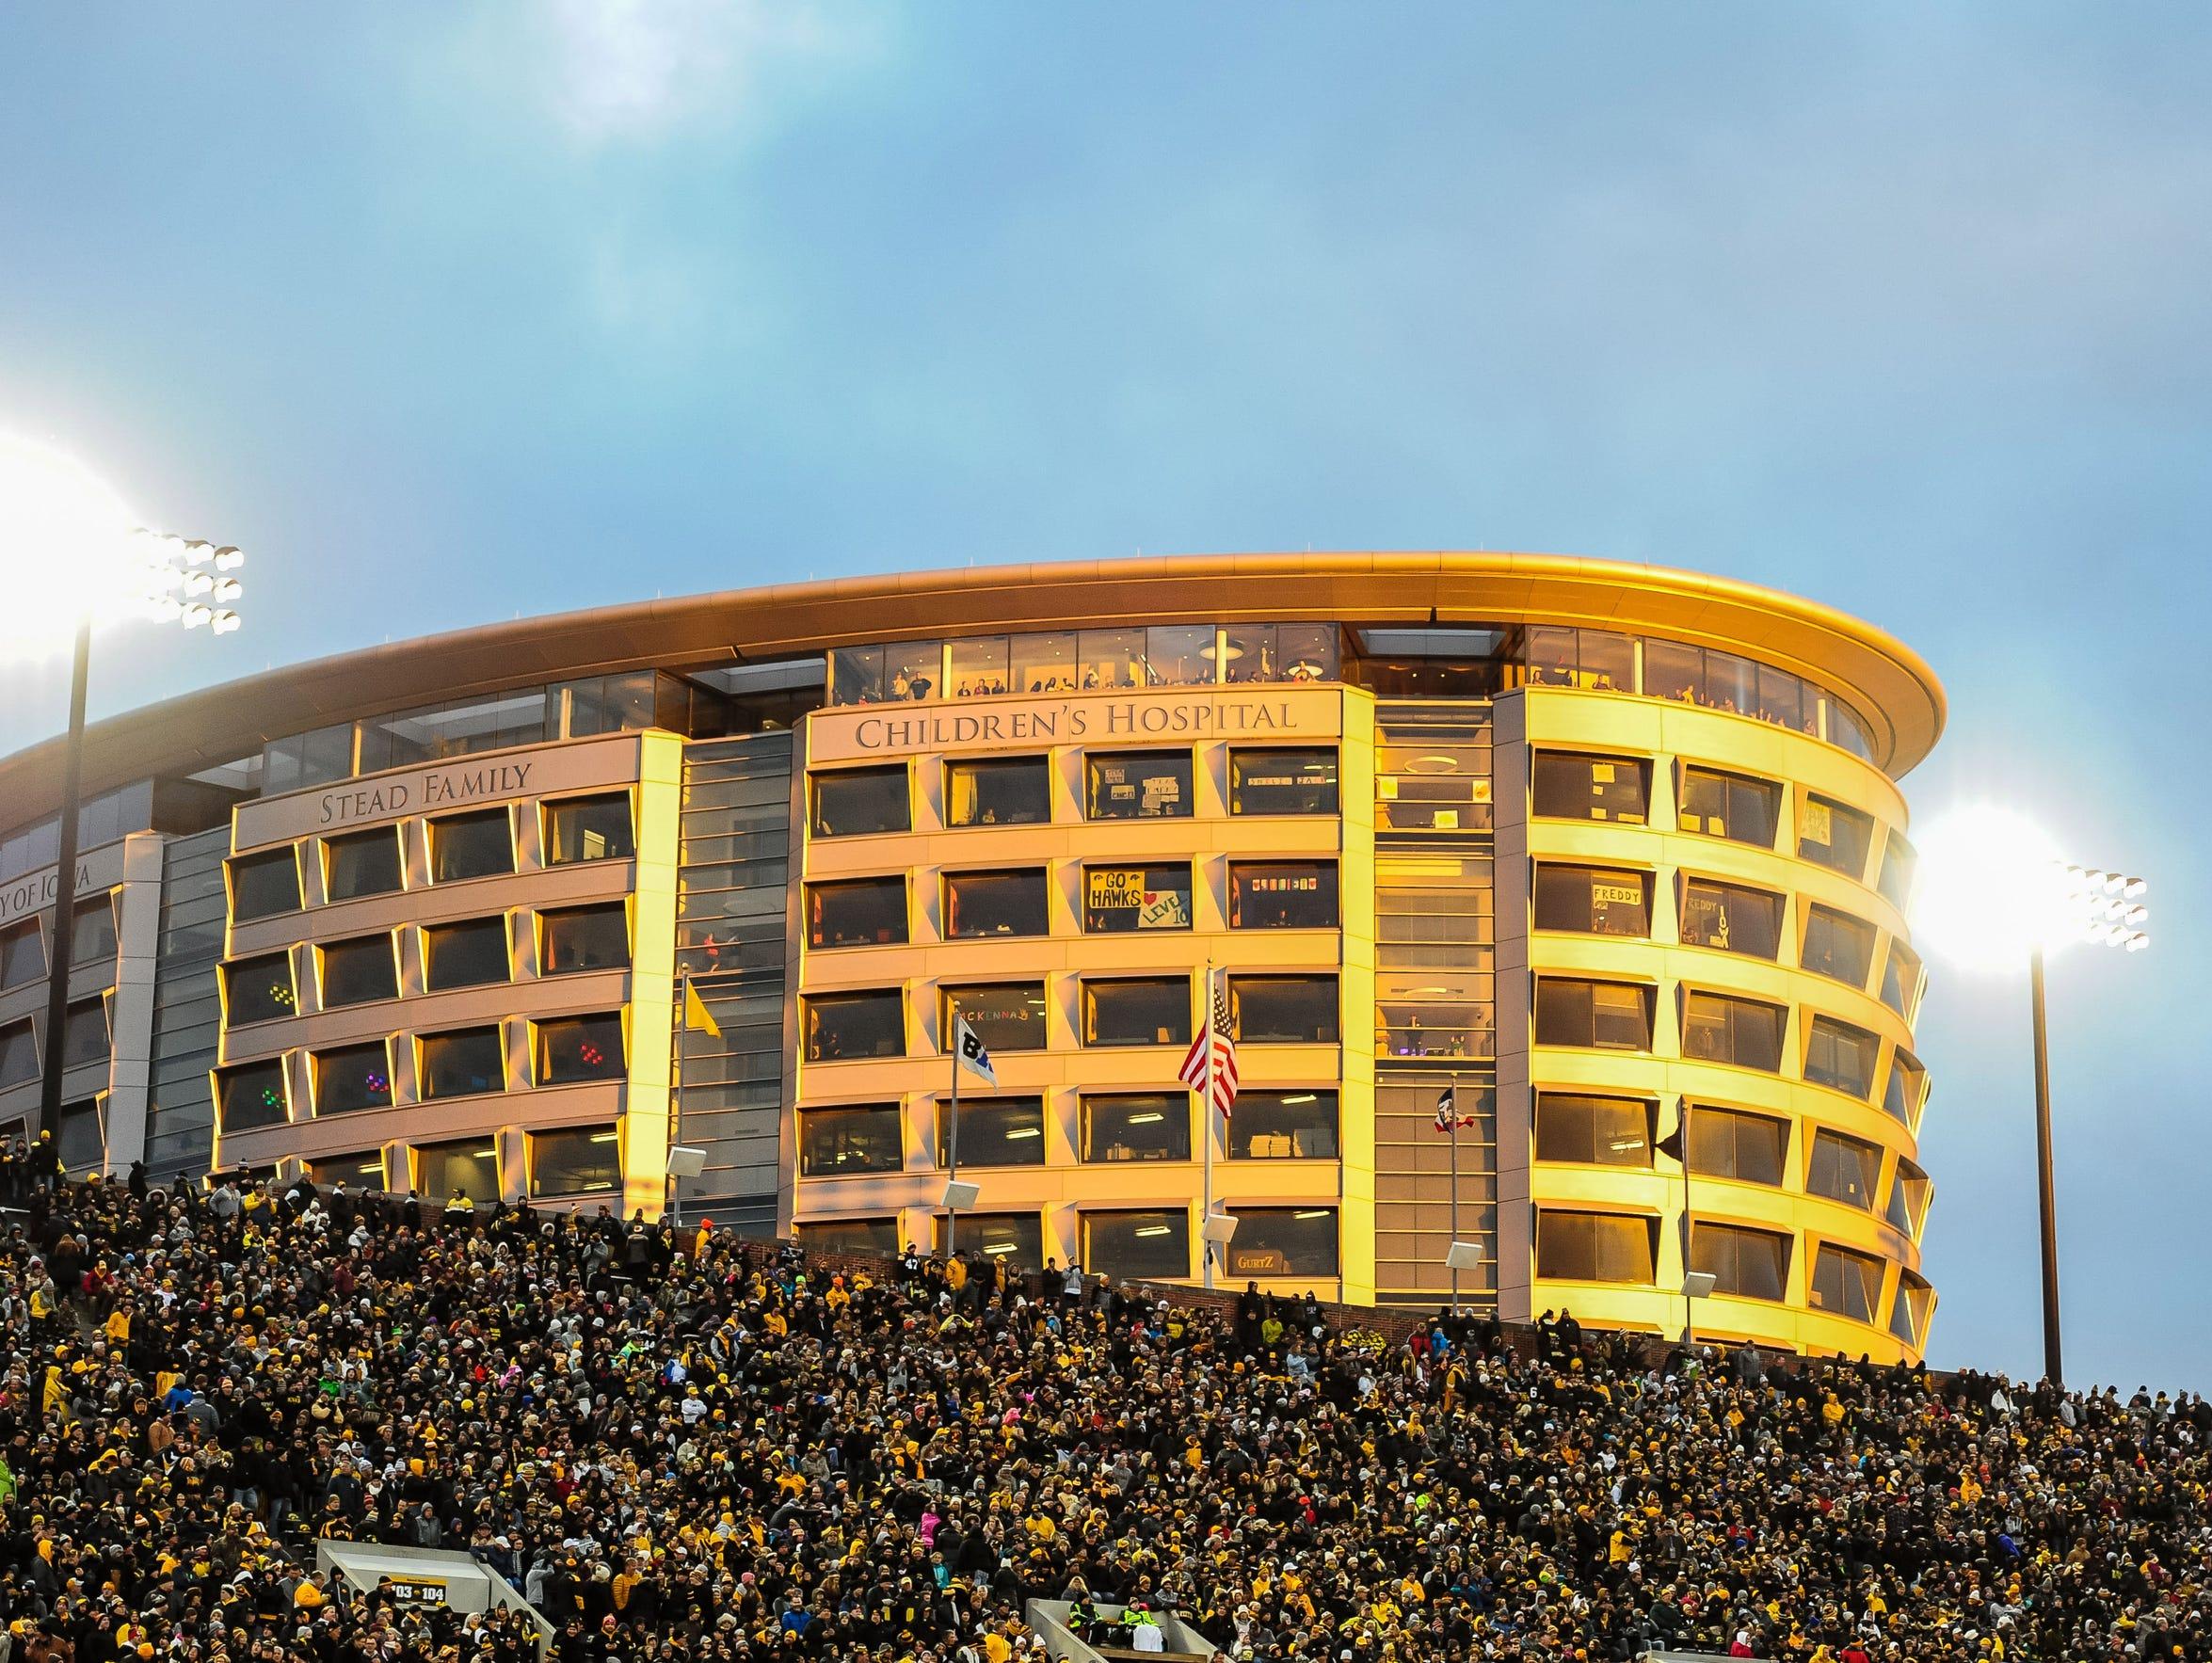 The Iowa Children's Hospital overlooks Kinnick Stadium